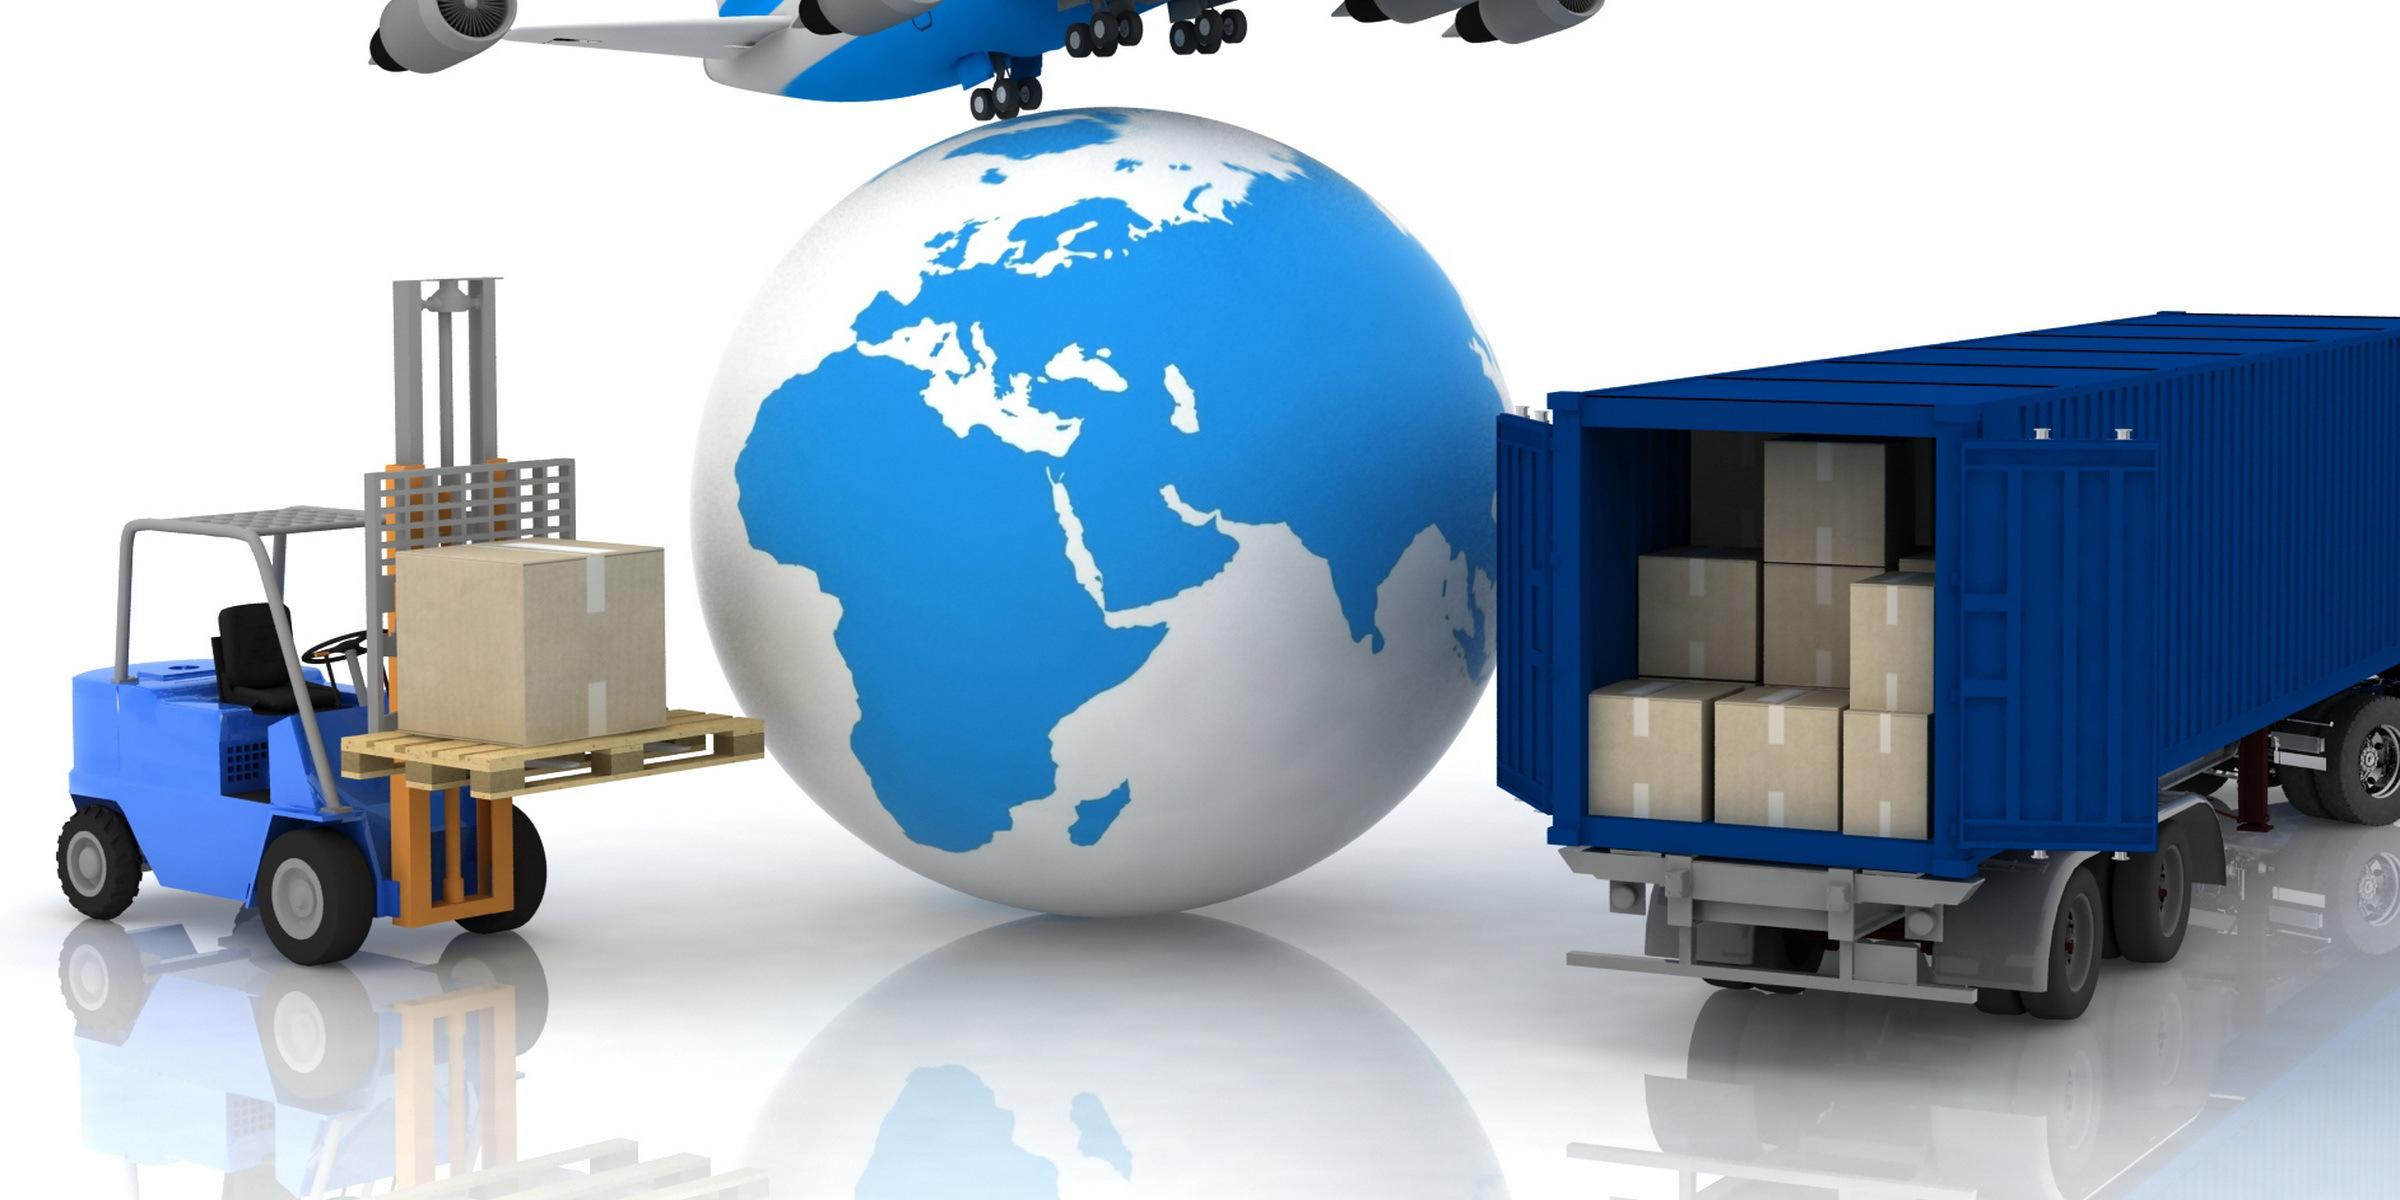 مقام تجاری هند: سیاست تجارت خارجی ما بر ایران متمرکز است